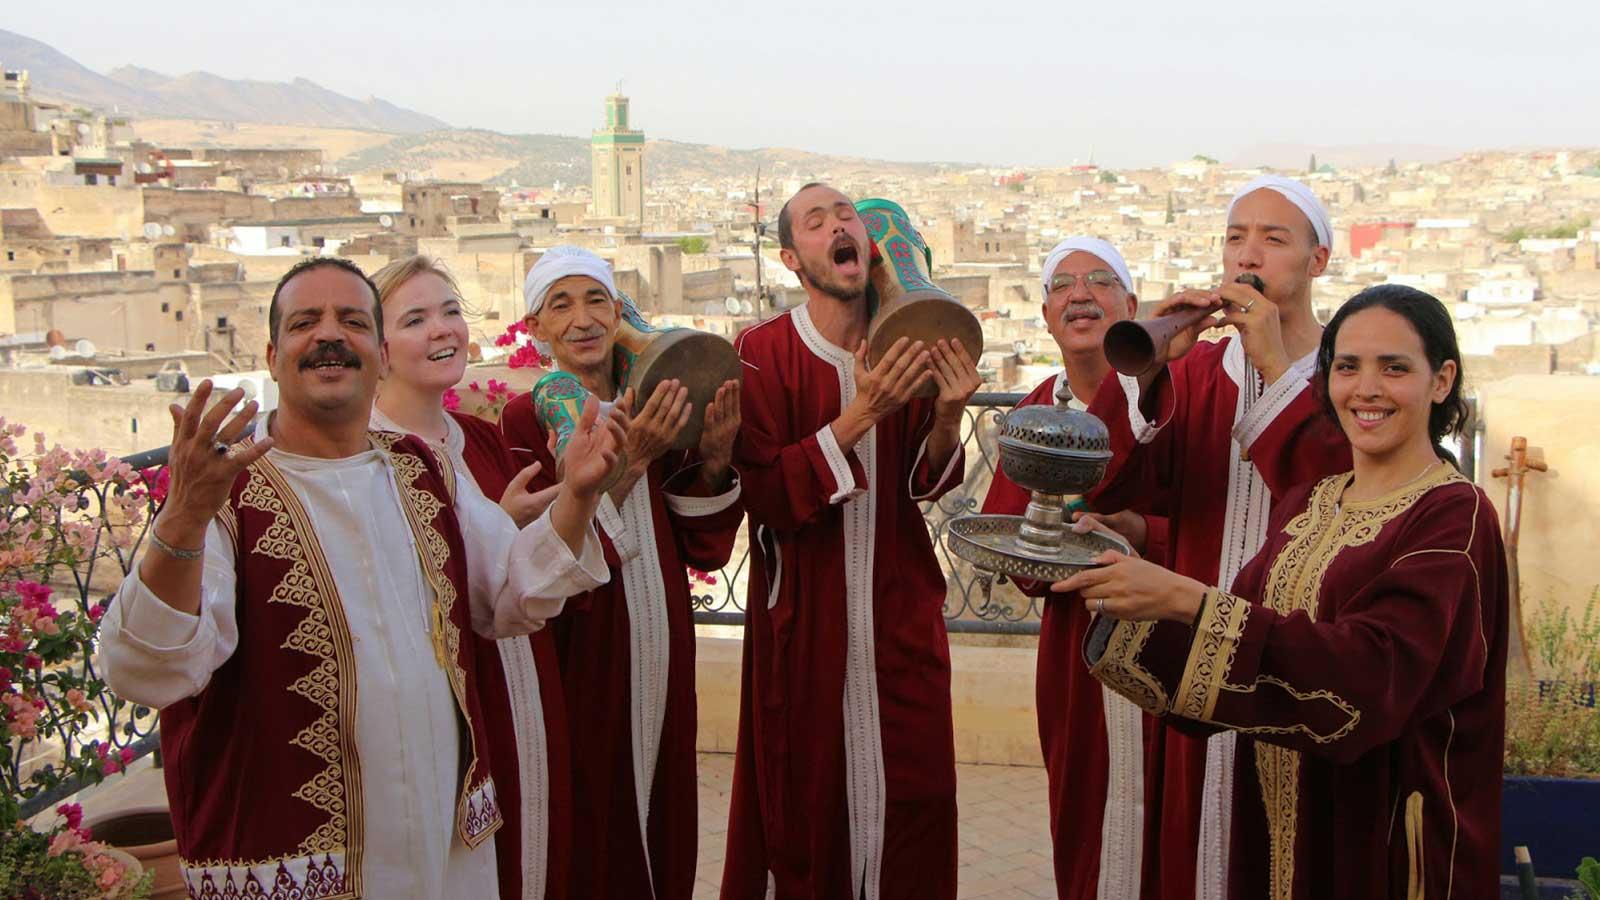 Fez Morocco Sufism